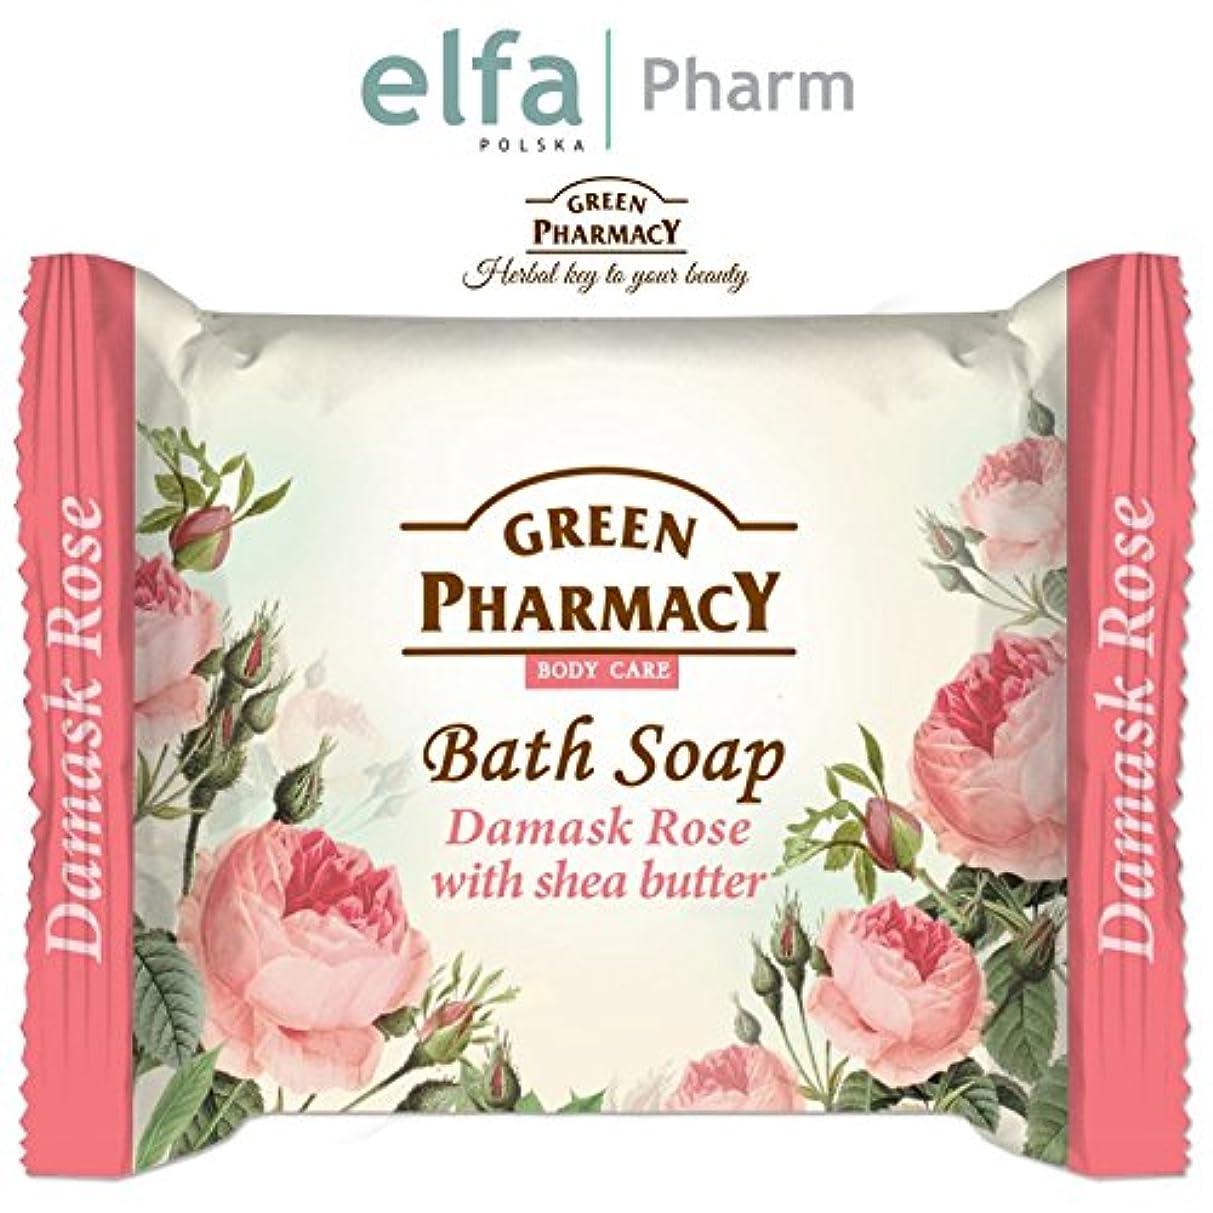 石鹸 固形 安心?安全 古代からのハーブの知識を生かして作られた固形せっけん ポーランドのグリーンファーマシー elfa Pharm Green Pharmacy Bath Soap Damask Rose with Shea...